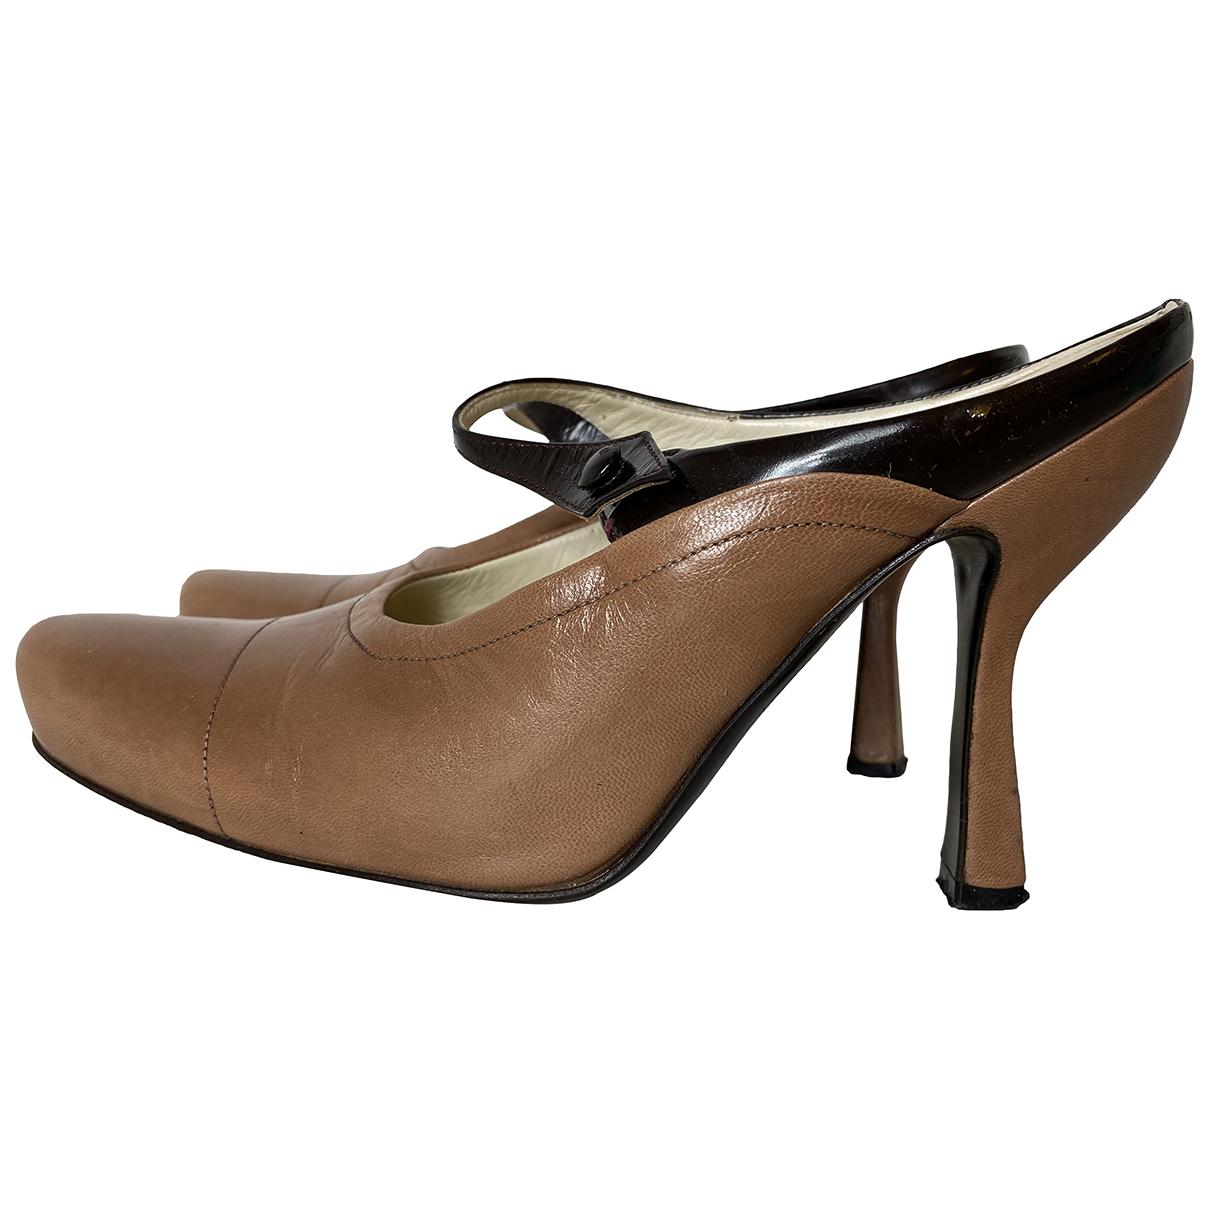 Prada N Brown Leather Heels for Women 36 IT